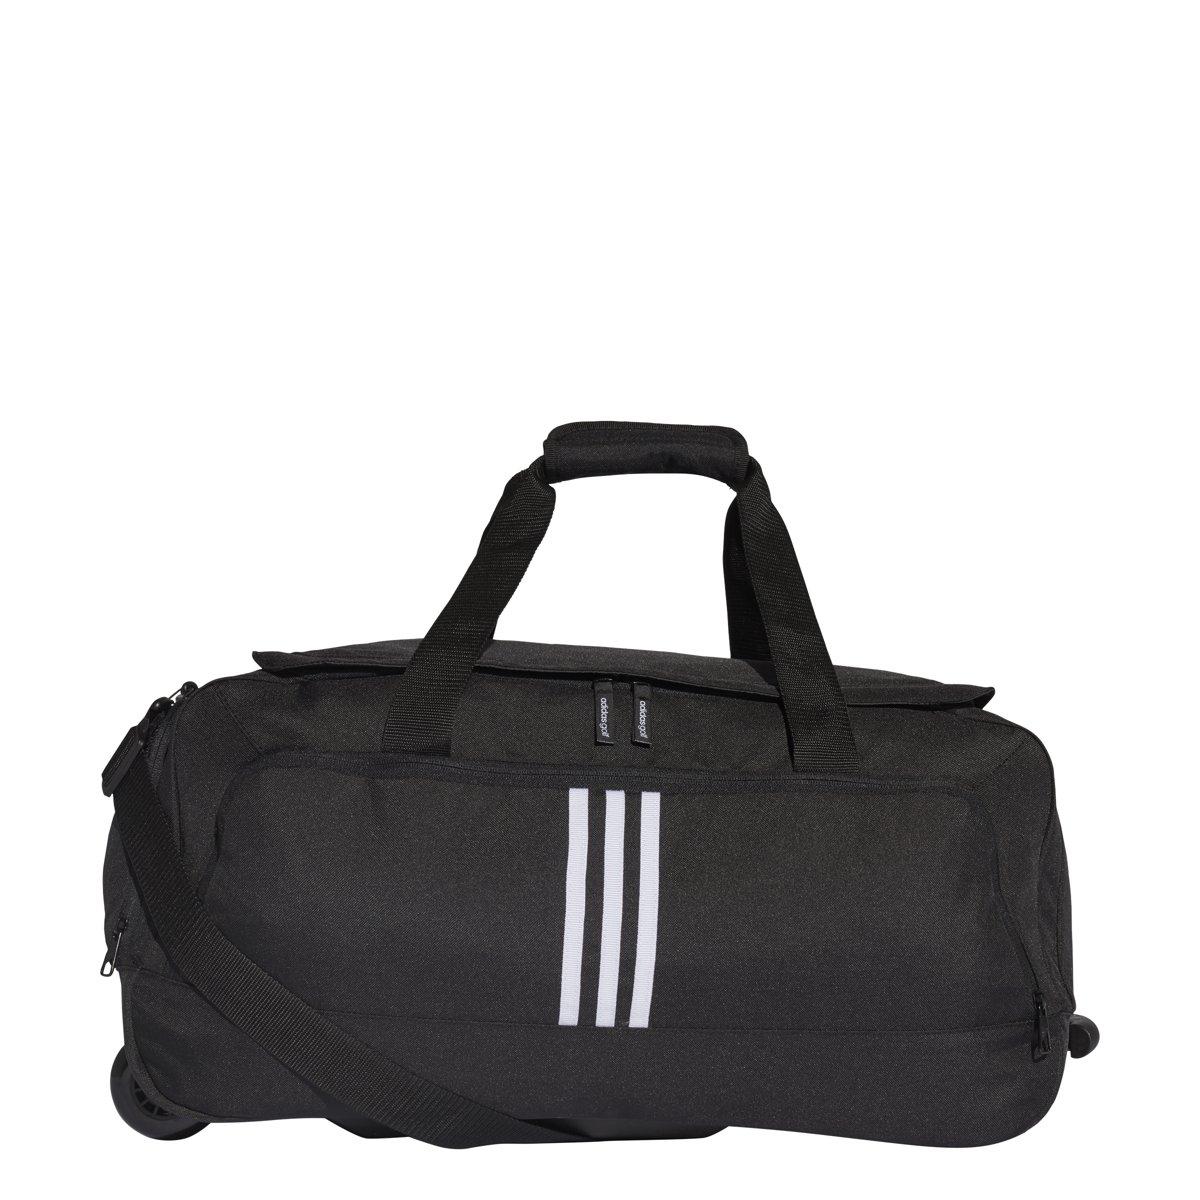 adidas Golf Rolling Duffle Luggage New